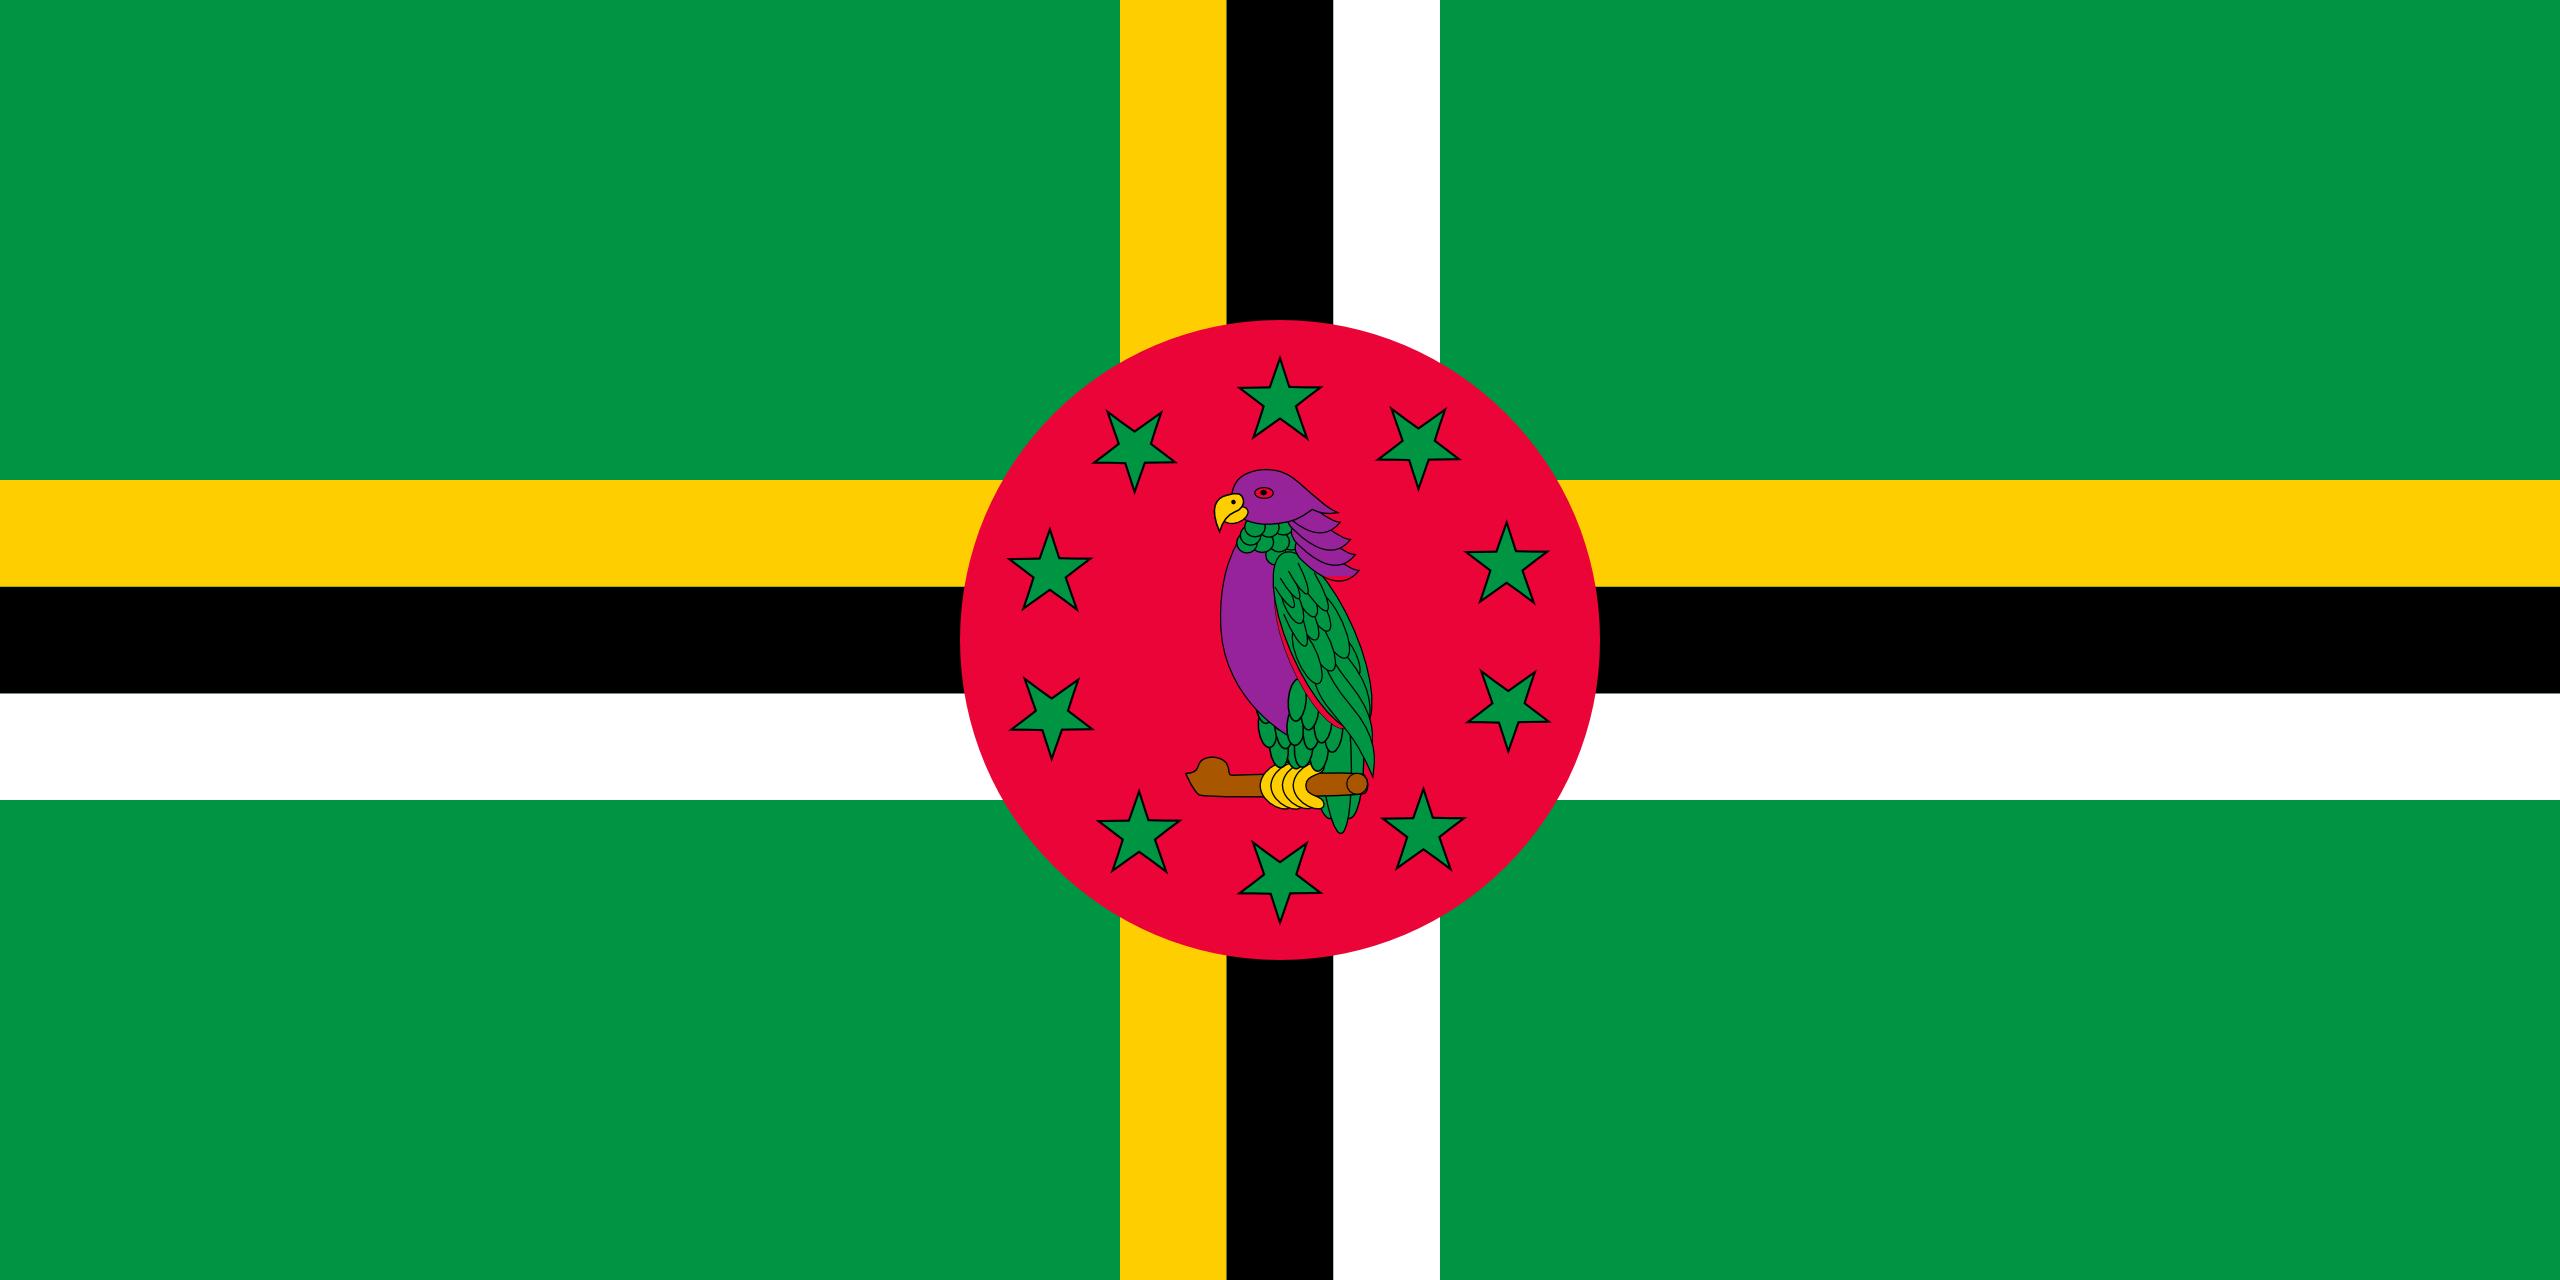 Dominica, país, Brasão de armas, logotipo, símbolo - Papéis de parede HD - Professor-falken.com